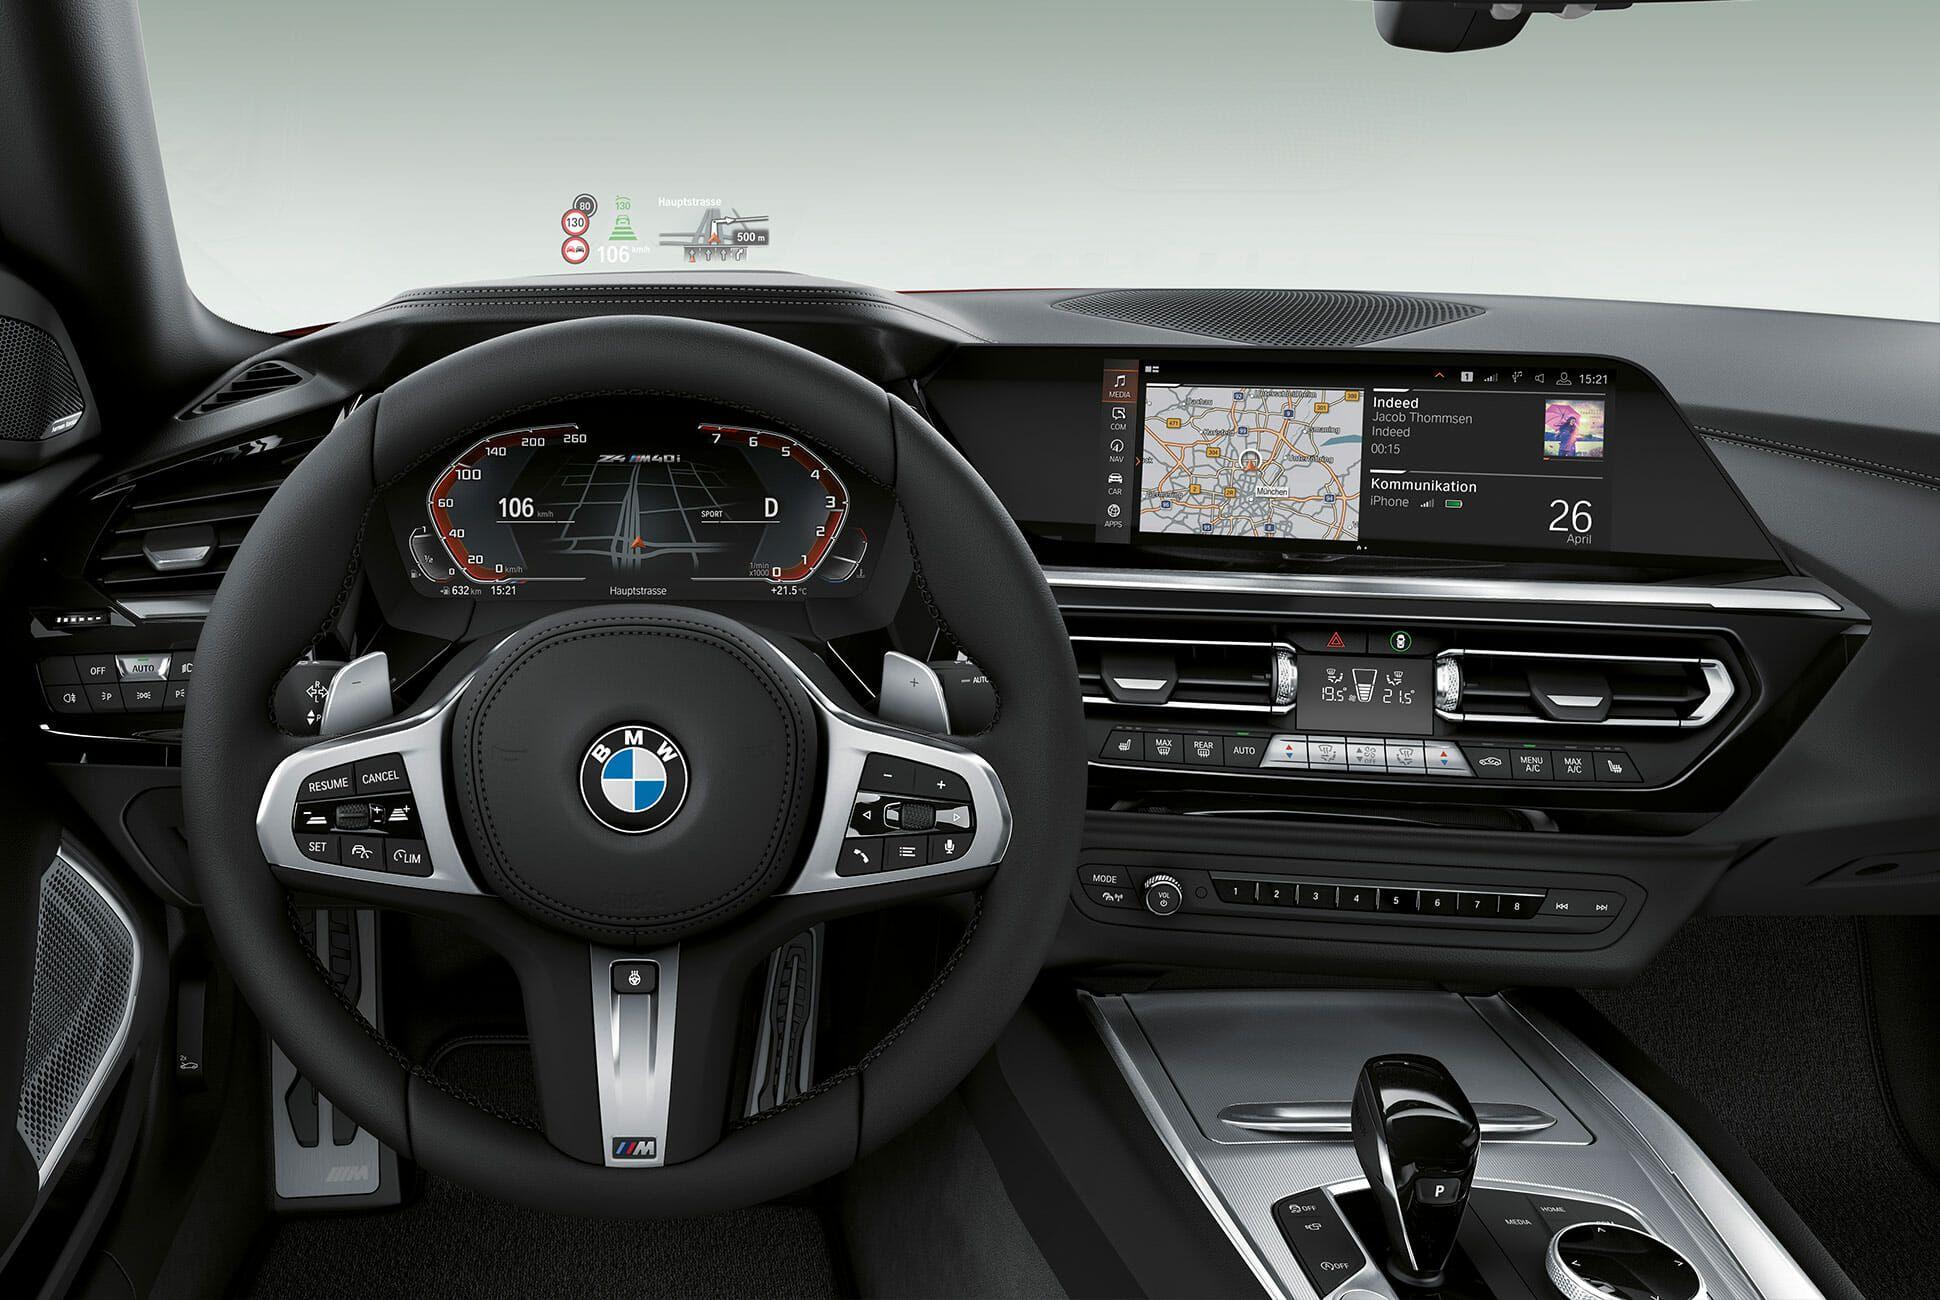 BMW-Z4-Gear-Patrol-Slide-4